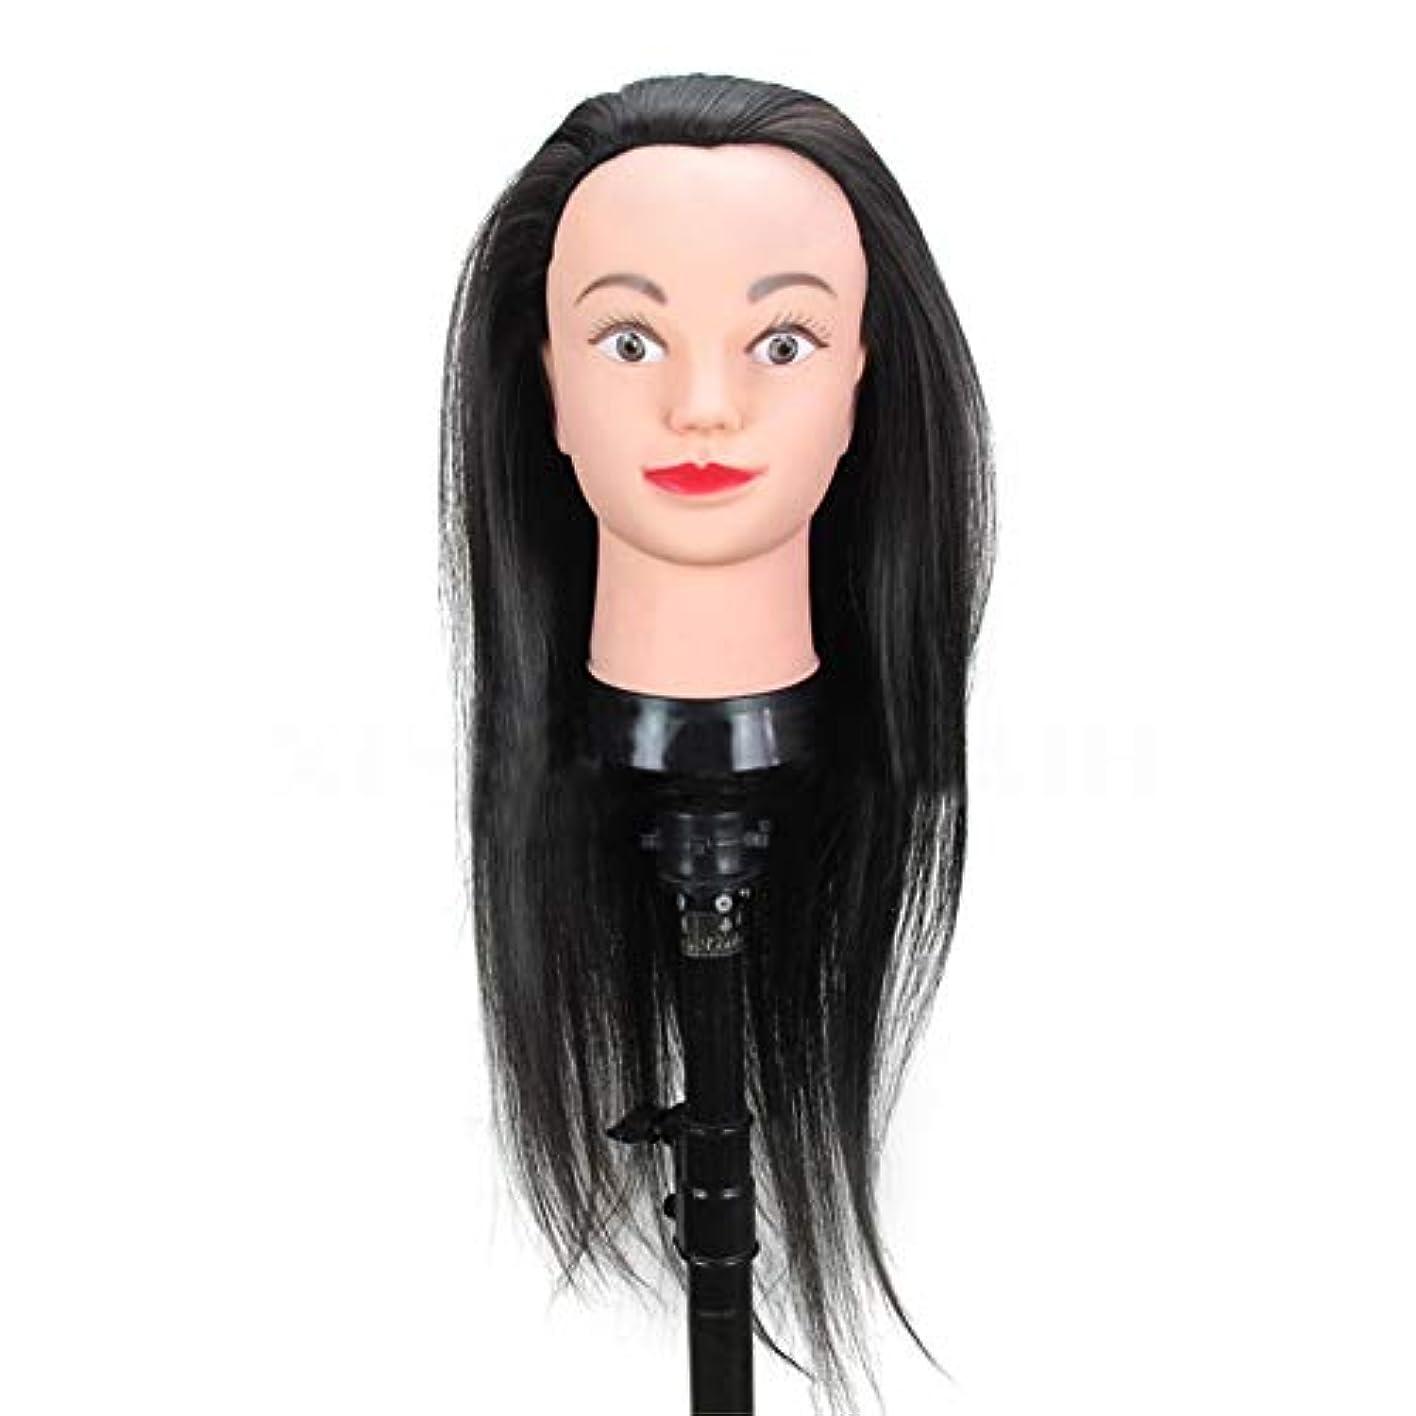 配列スペードハイランド高温シルク編組ヘアスタイリングヘッドモデル理髪店理髪ダミーヘッド化粧練習マネキンヘッド